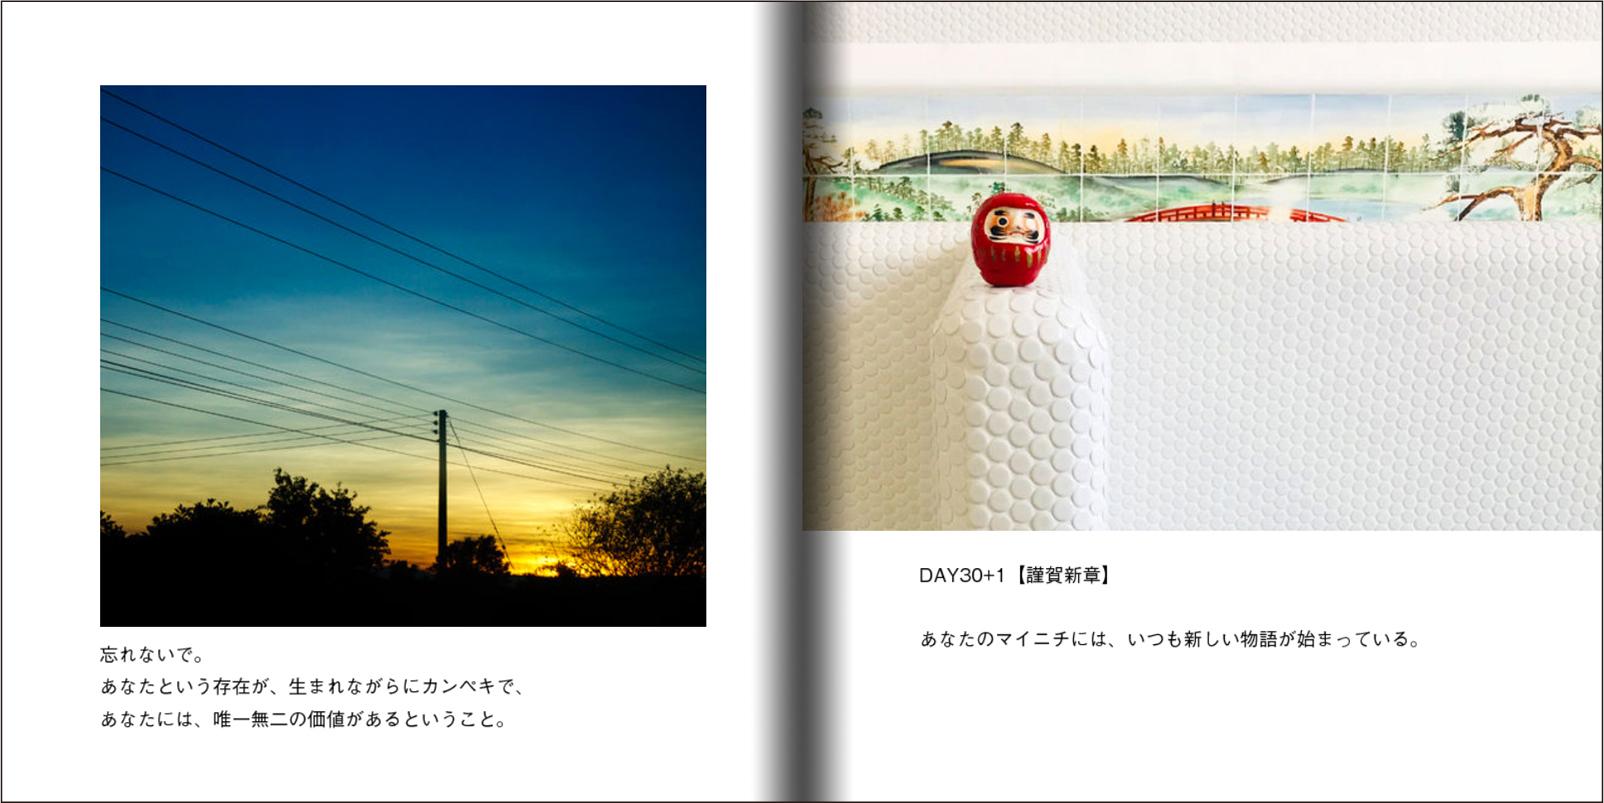 【オーダー承り〼】写真とことばの本『あなたの物語をはじめる』Maki SAEGUSA_d0018646_20485336.jpg